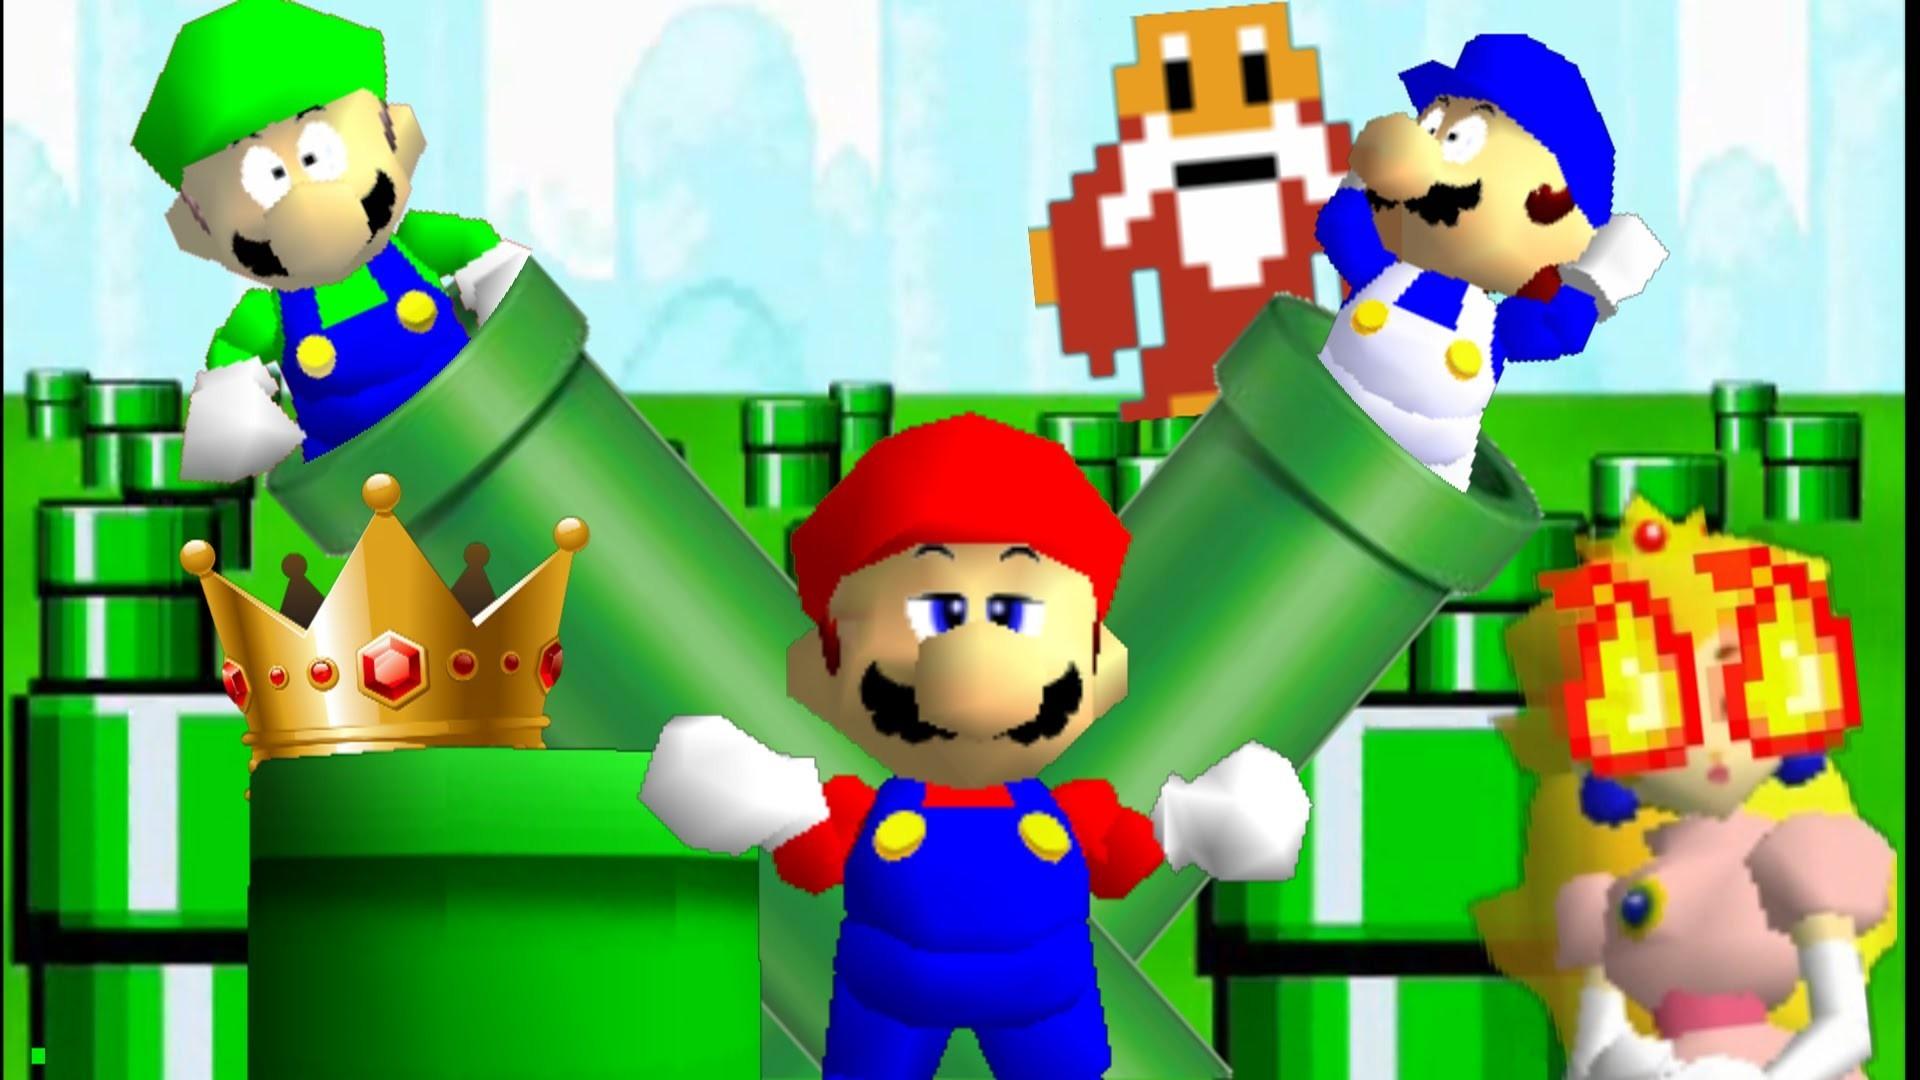 Super Mario 64 Wallpaper